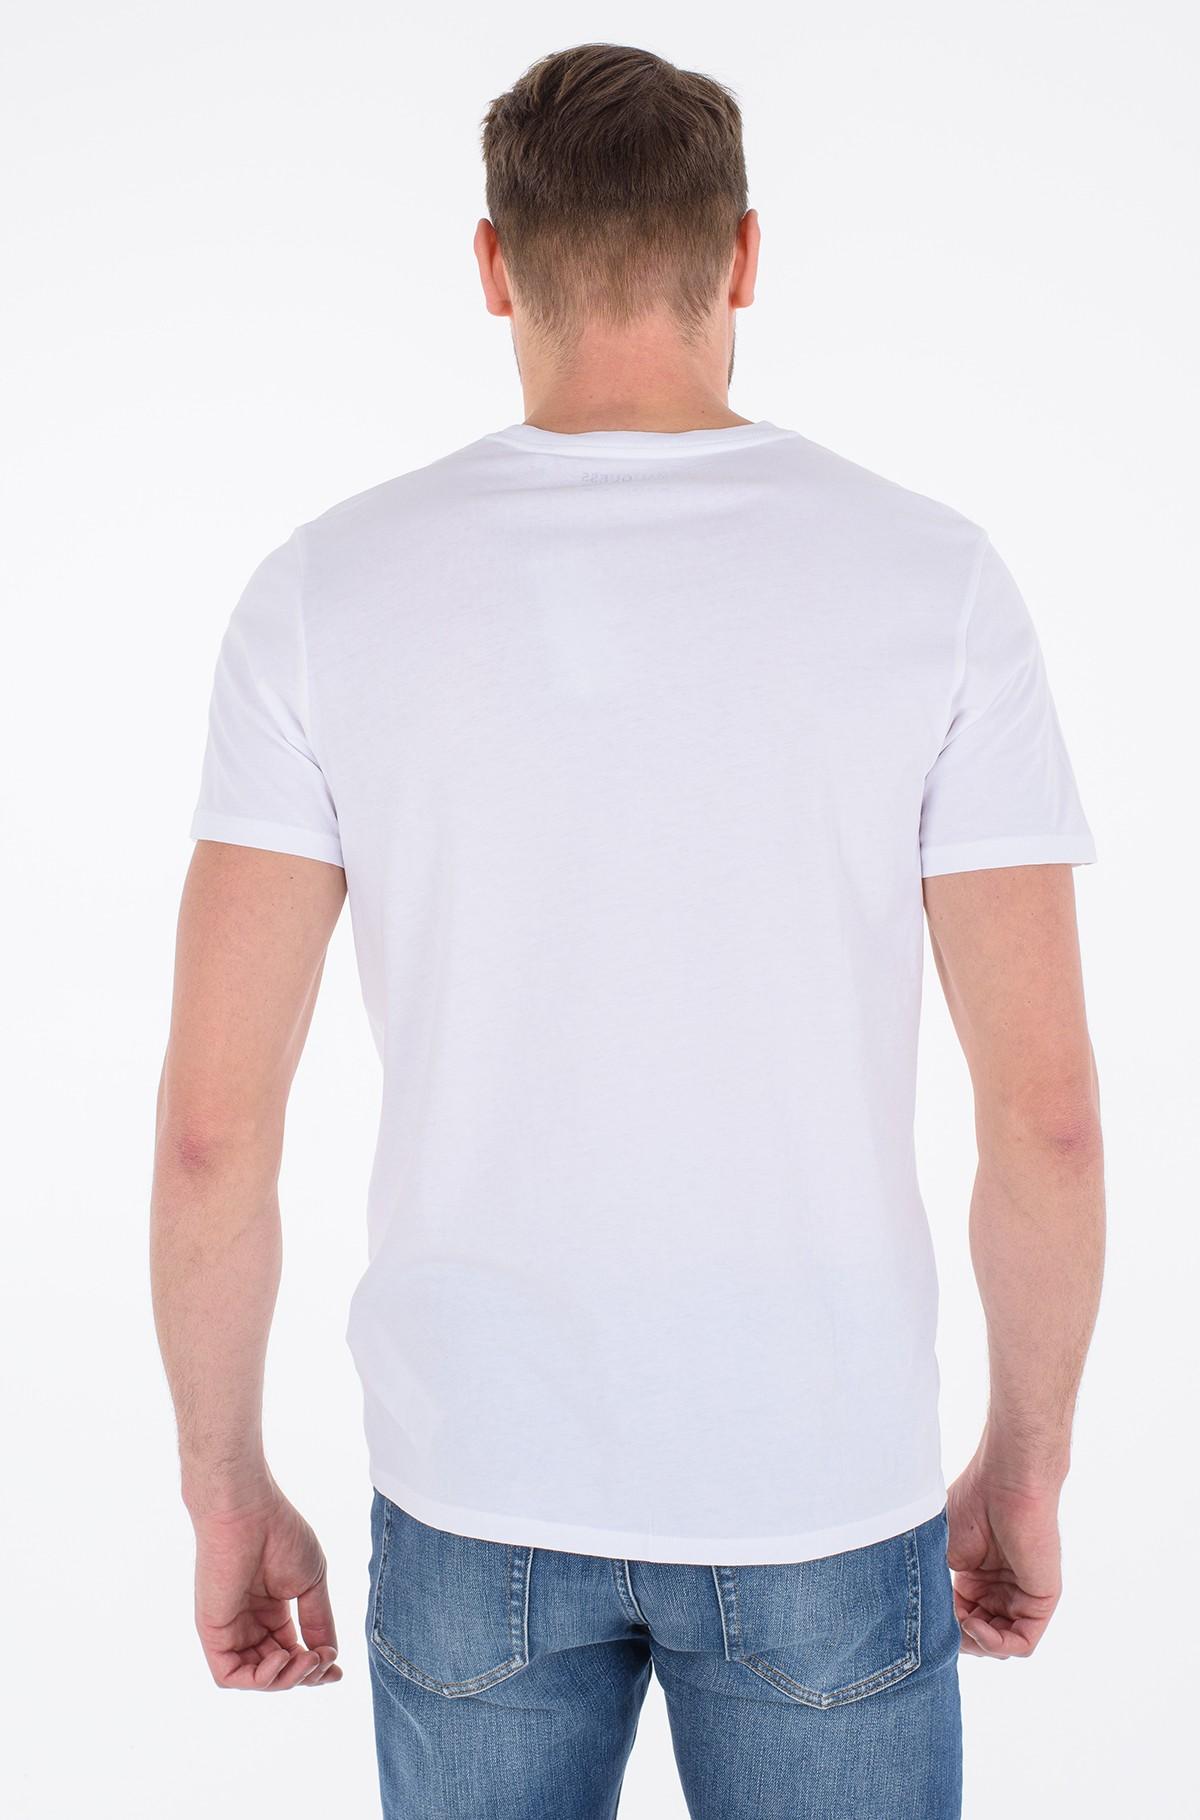 T-shirt M1RI91 KAG00-full-2